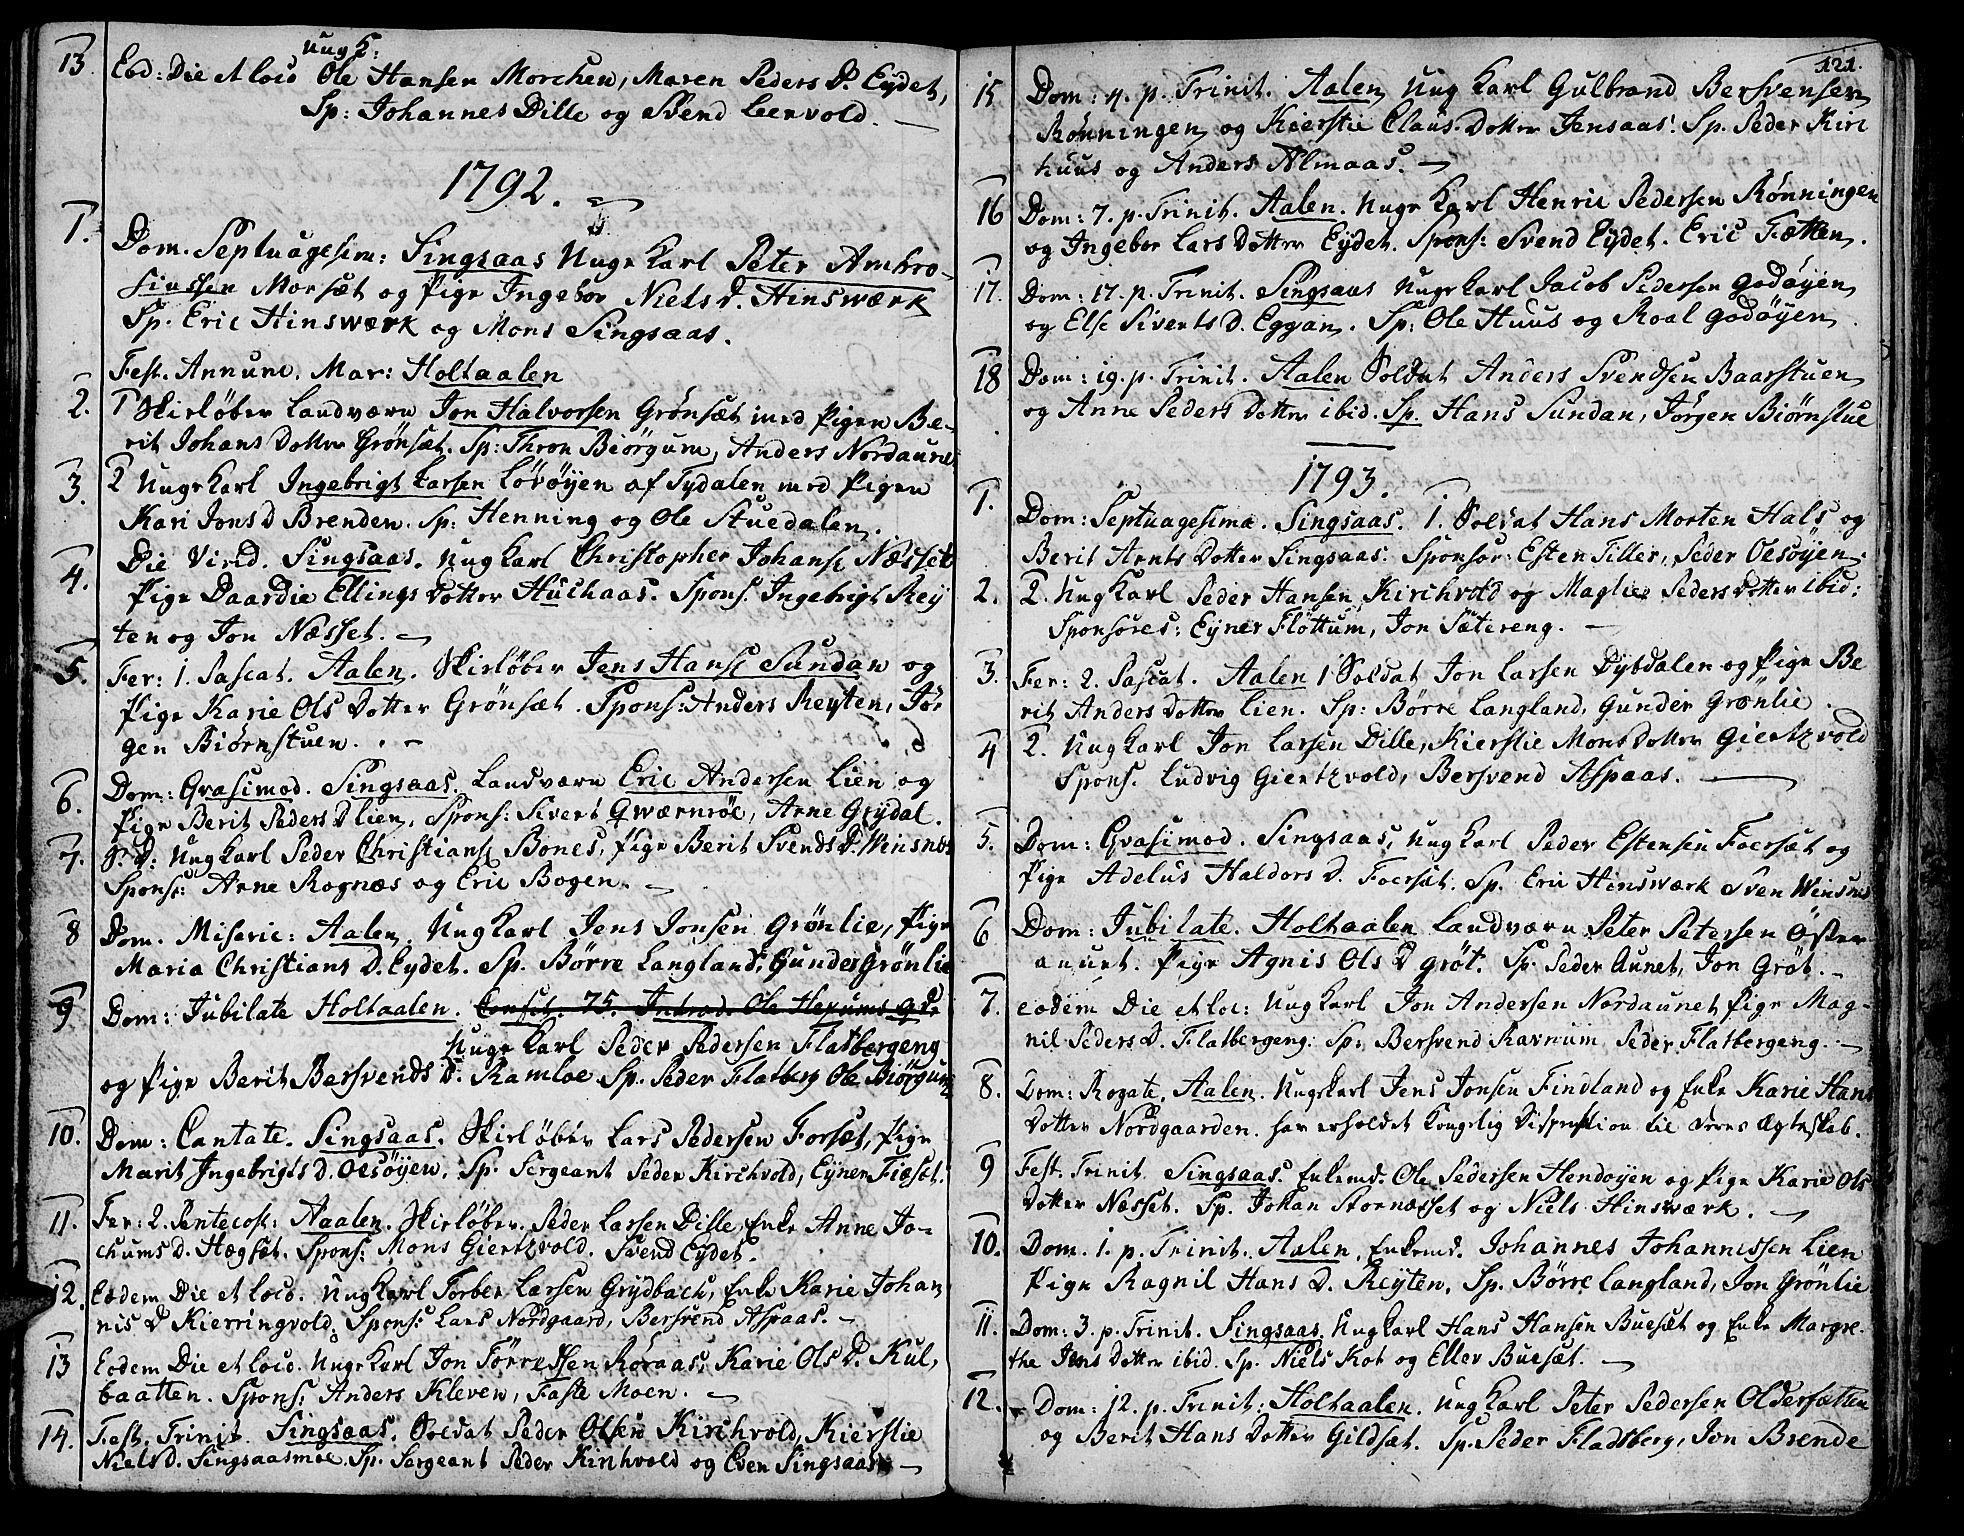 SAT, Ministerialprotokoller, klokkerbøker og fødselsregistre - Sør-Trøndelag, 685/L0952: Ministerialbok nr. 685A01, 1745-1804, s. 121